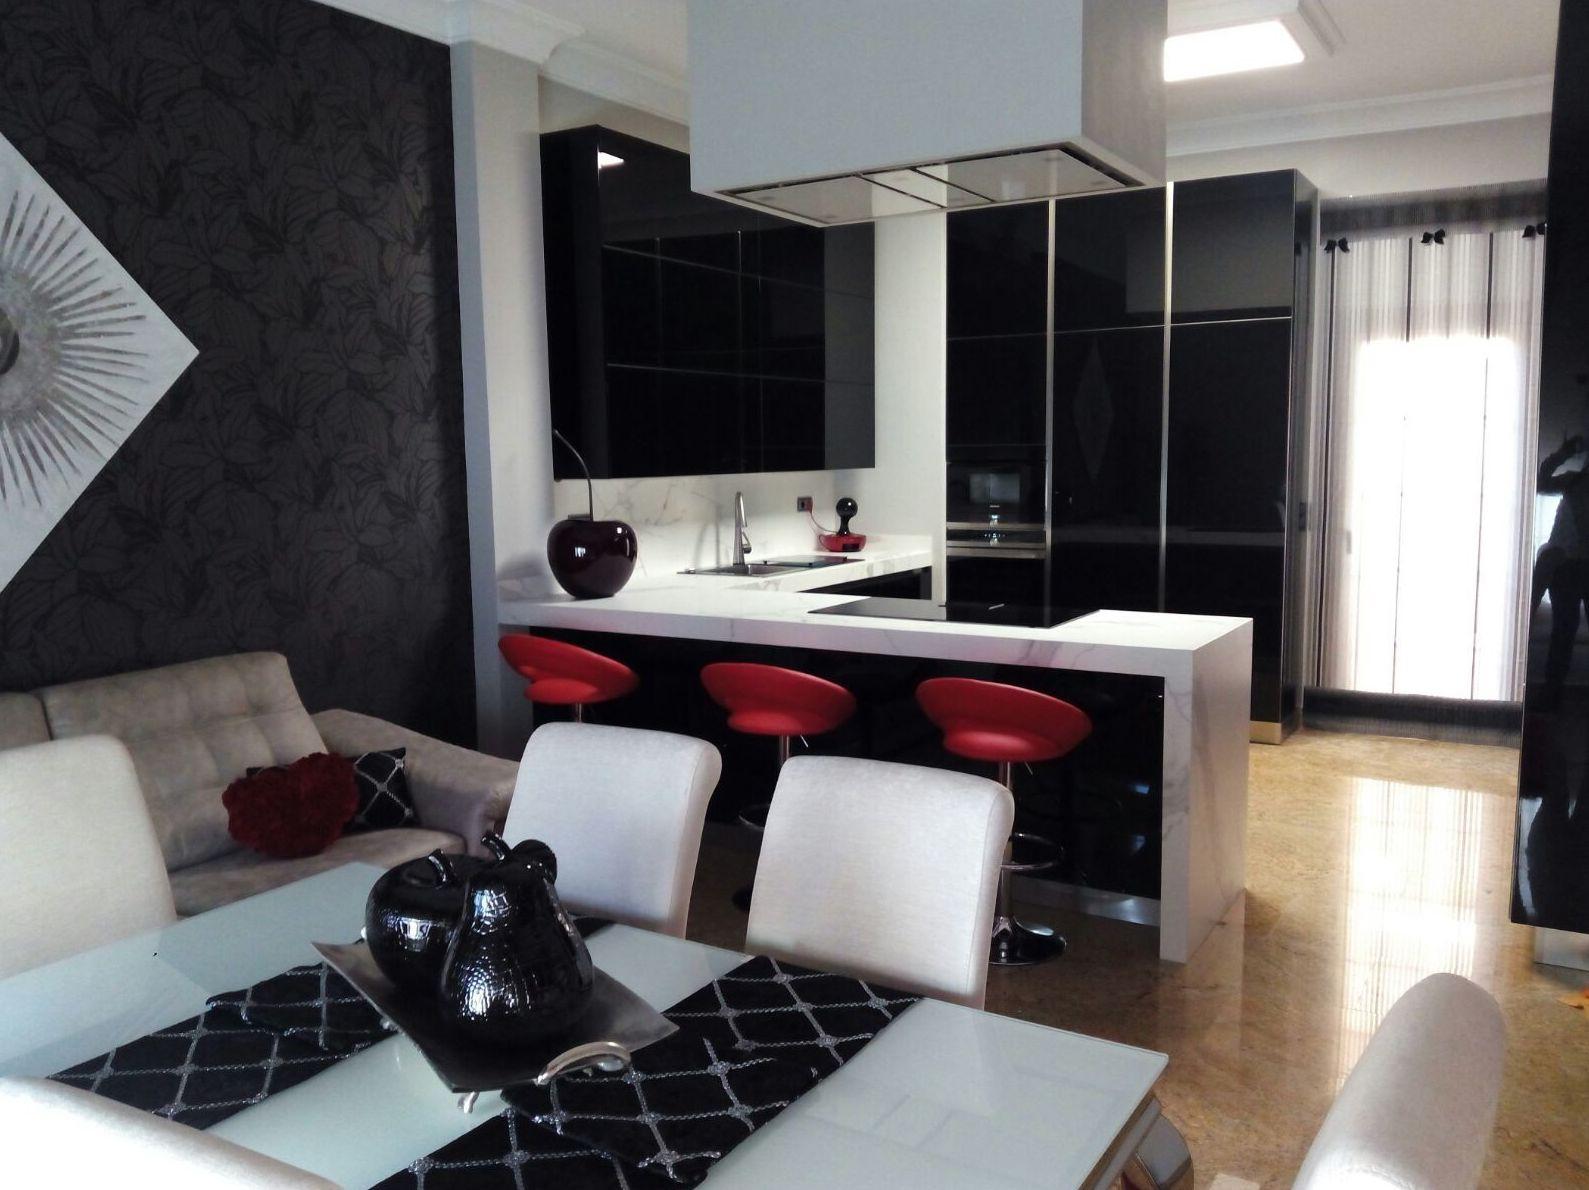 Foto 22 de Muebles de cocina en  | Diseño Cocina